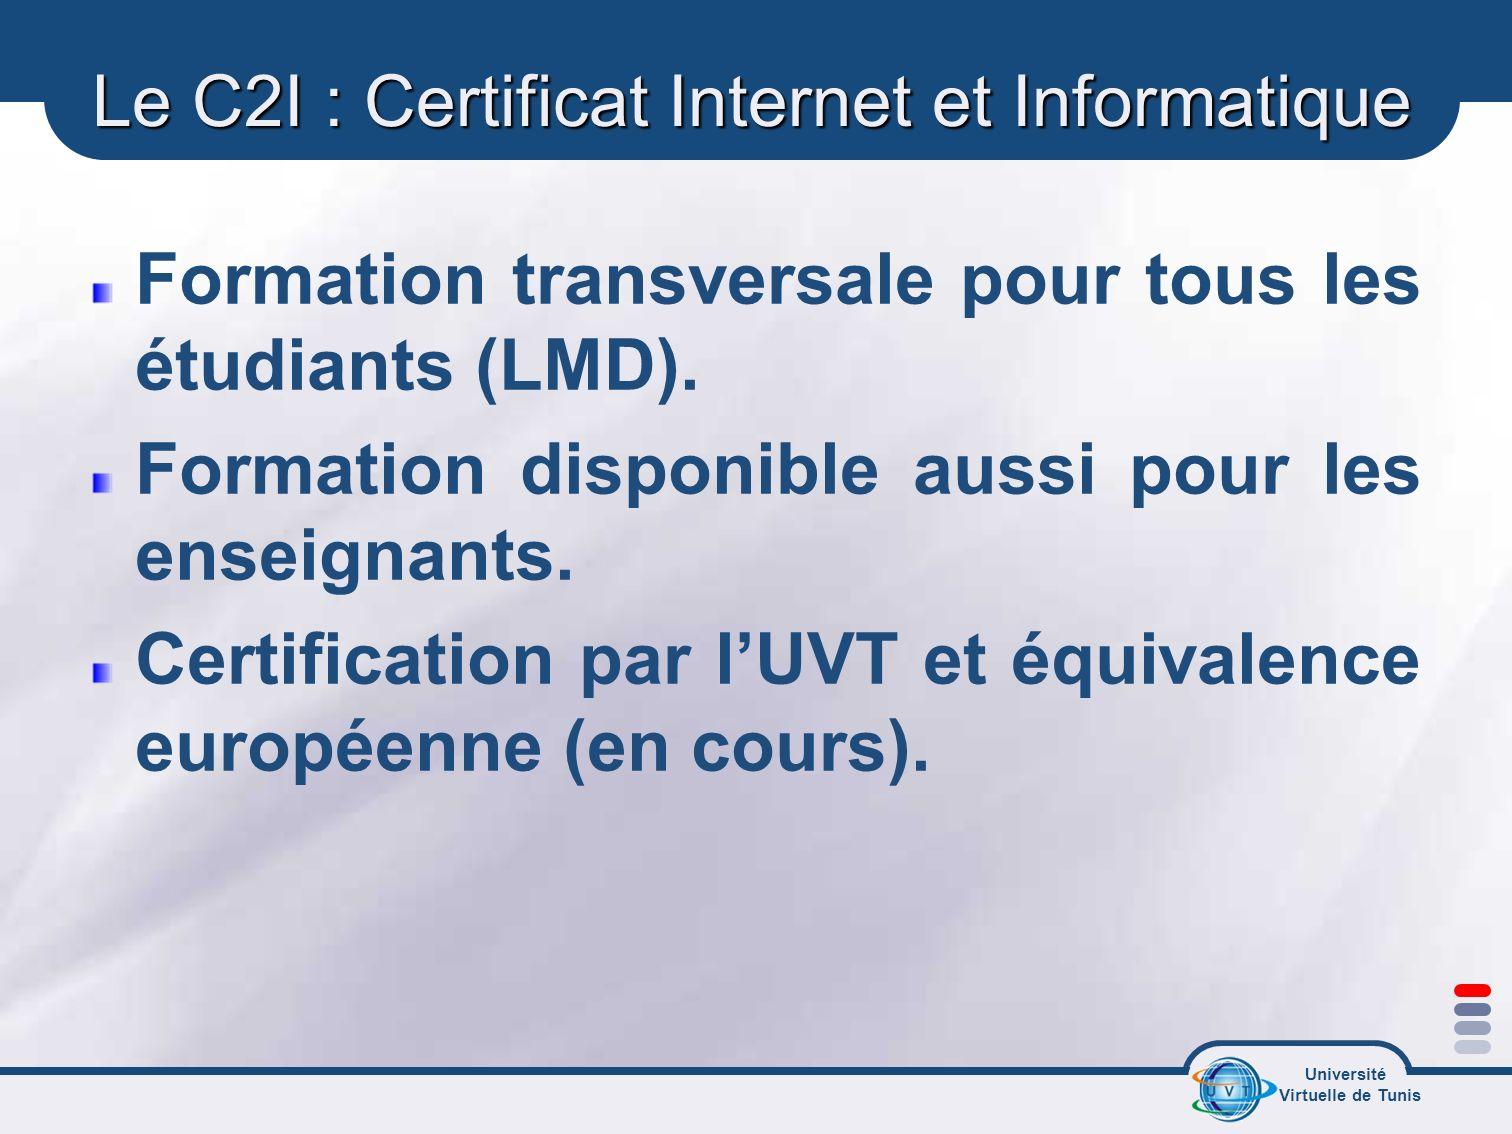 Université Virtuelle de Tunis Le C2I : Certificat Internet et Informatique Formation transversale pour tous les étudiants (LMD). Formation disponible